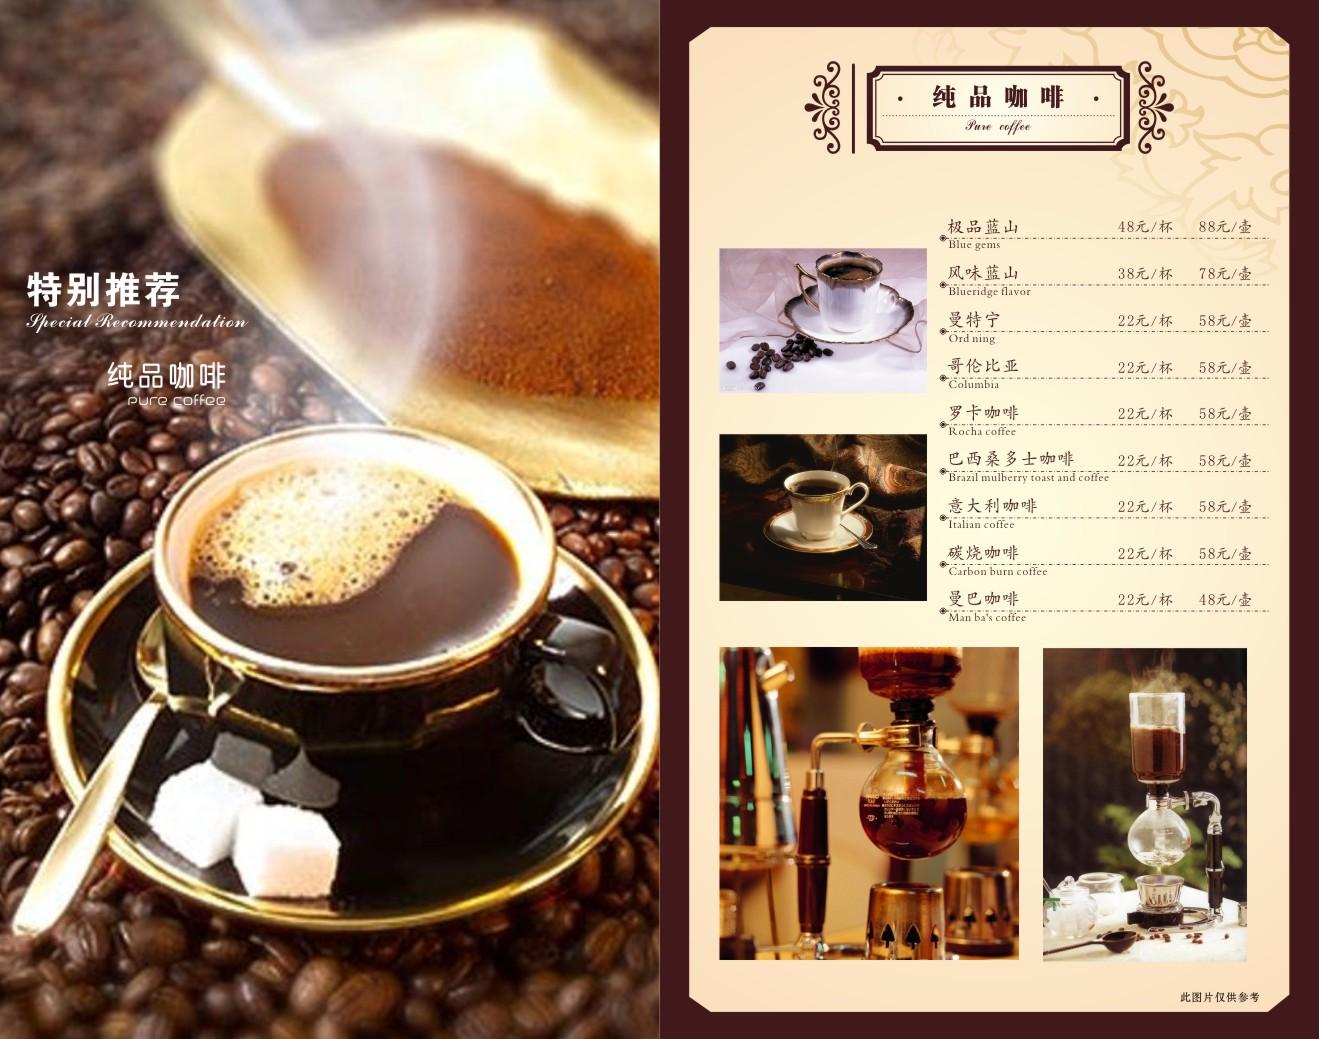 13菜谱册咖啡 咖啡店菜单 西餐厅菜单